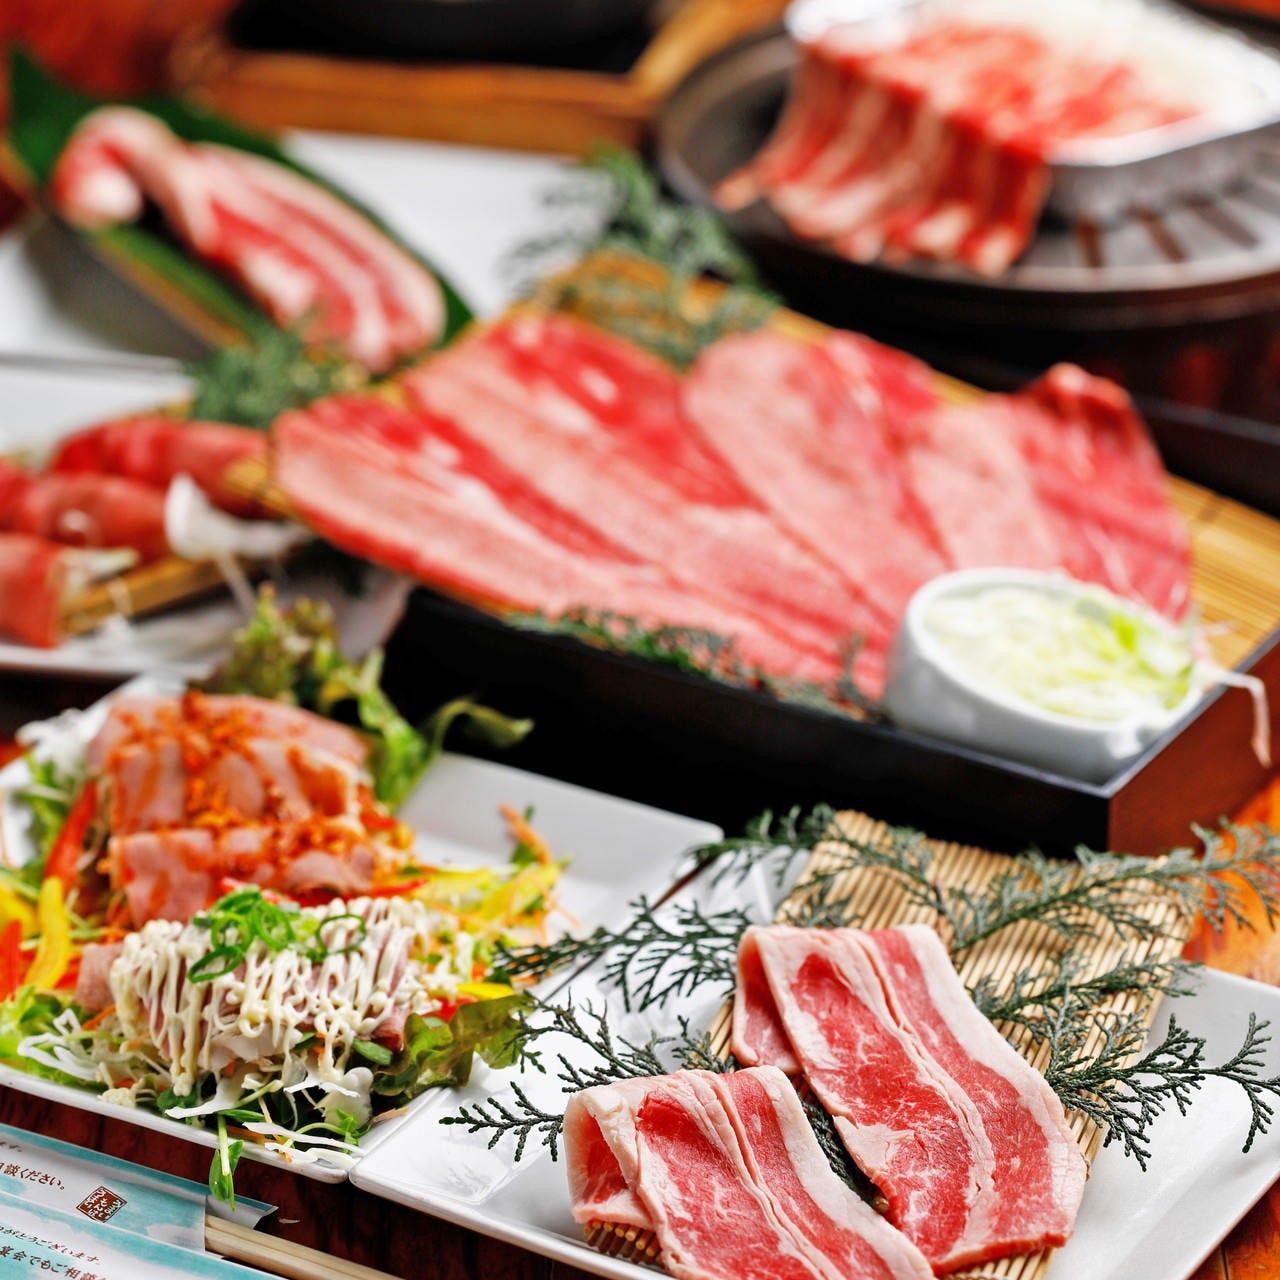 極上肉&牧草肉が390円の大特価!